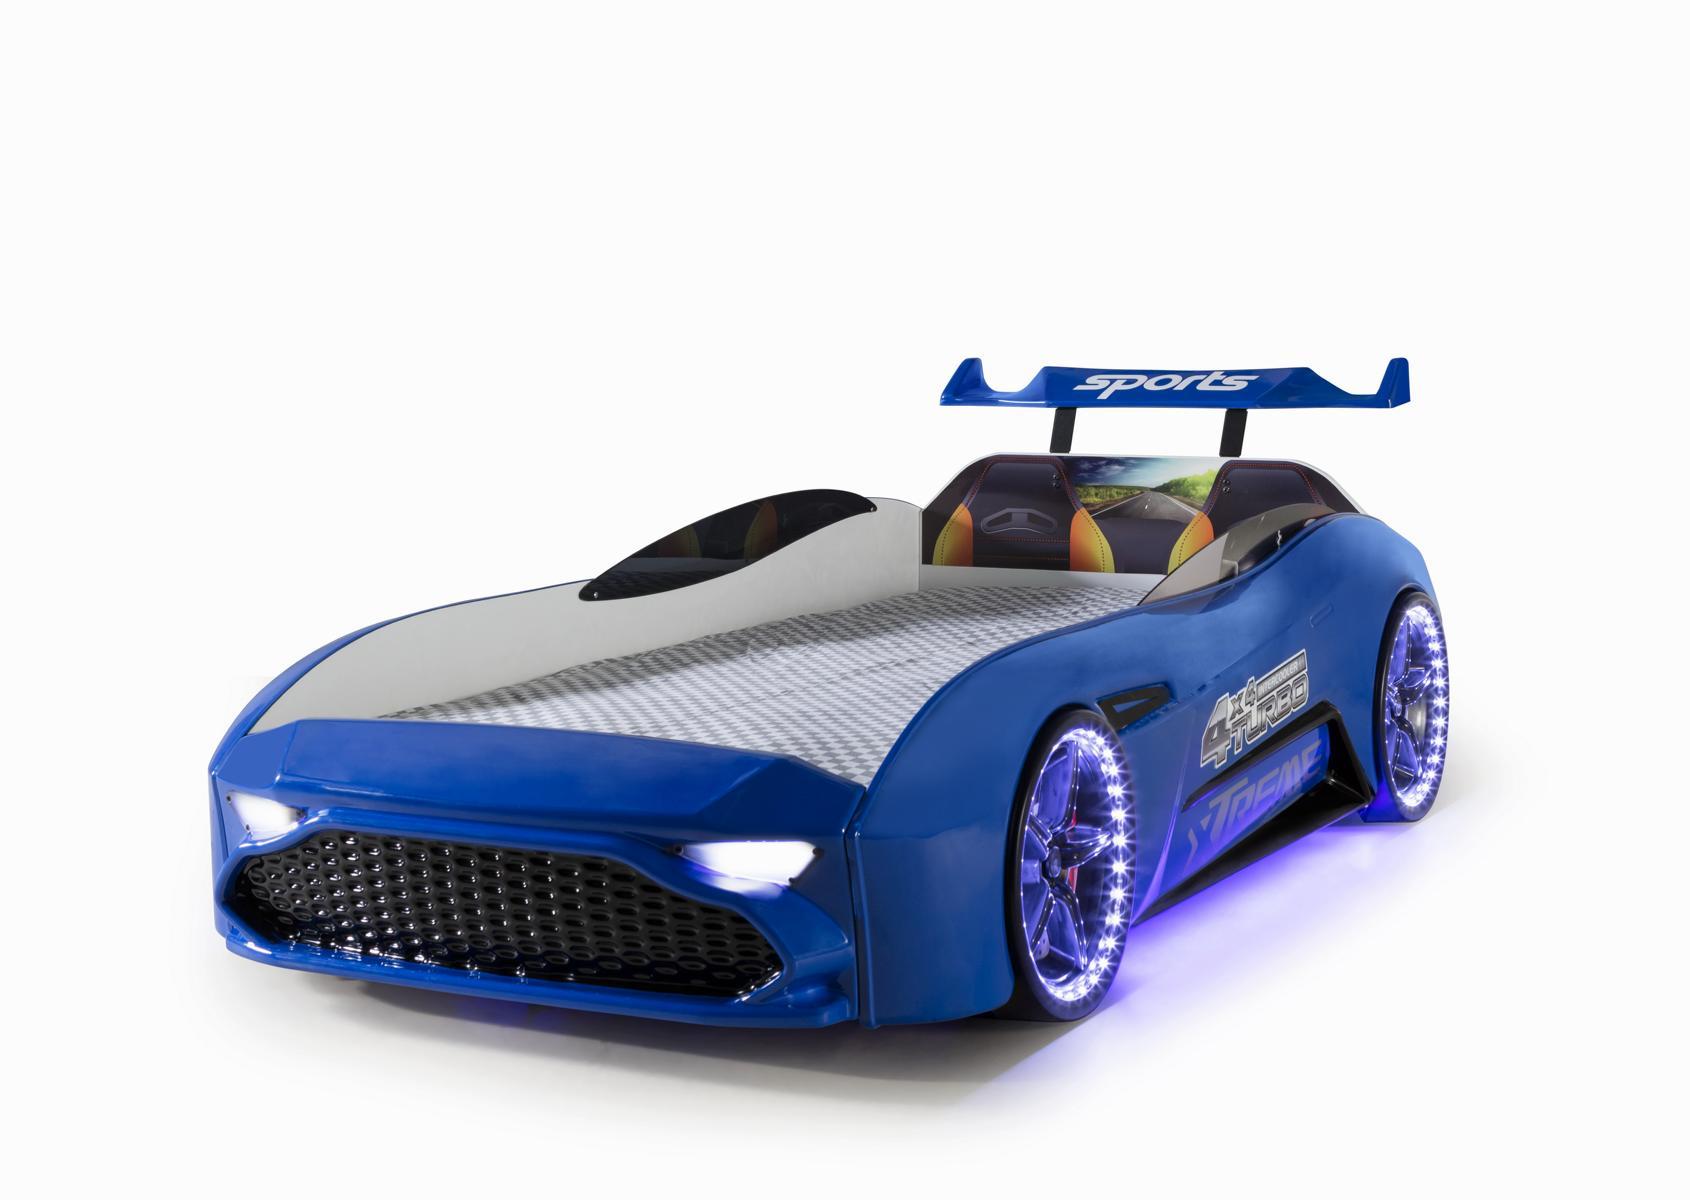 Autobett GT18 Turbo 4x4 Extreme Blau mit Bluetooth Ausstellung